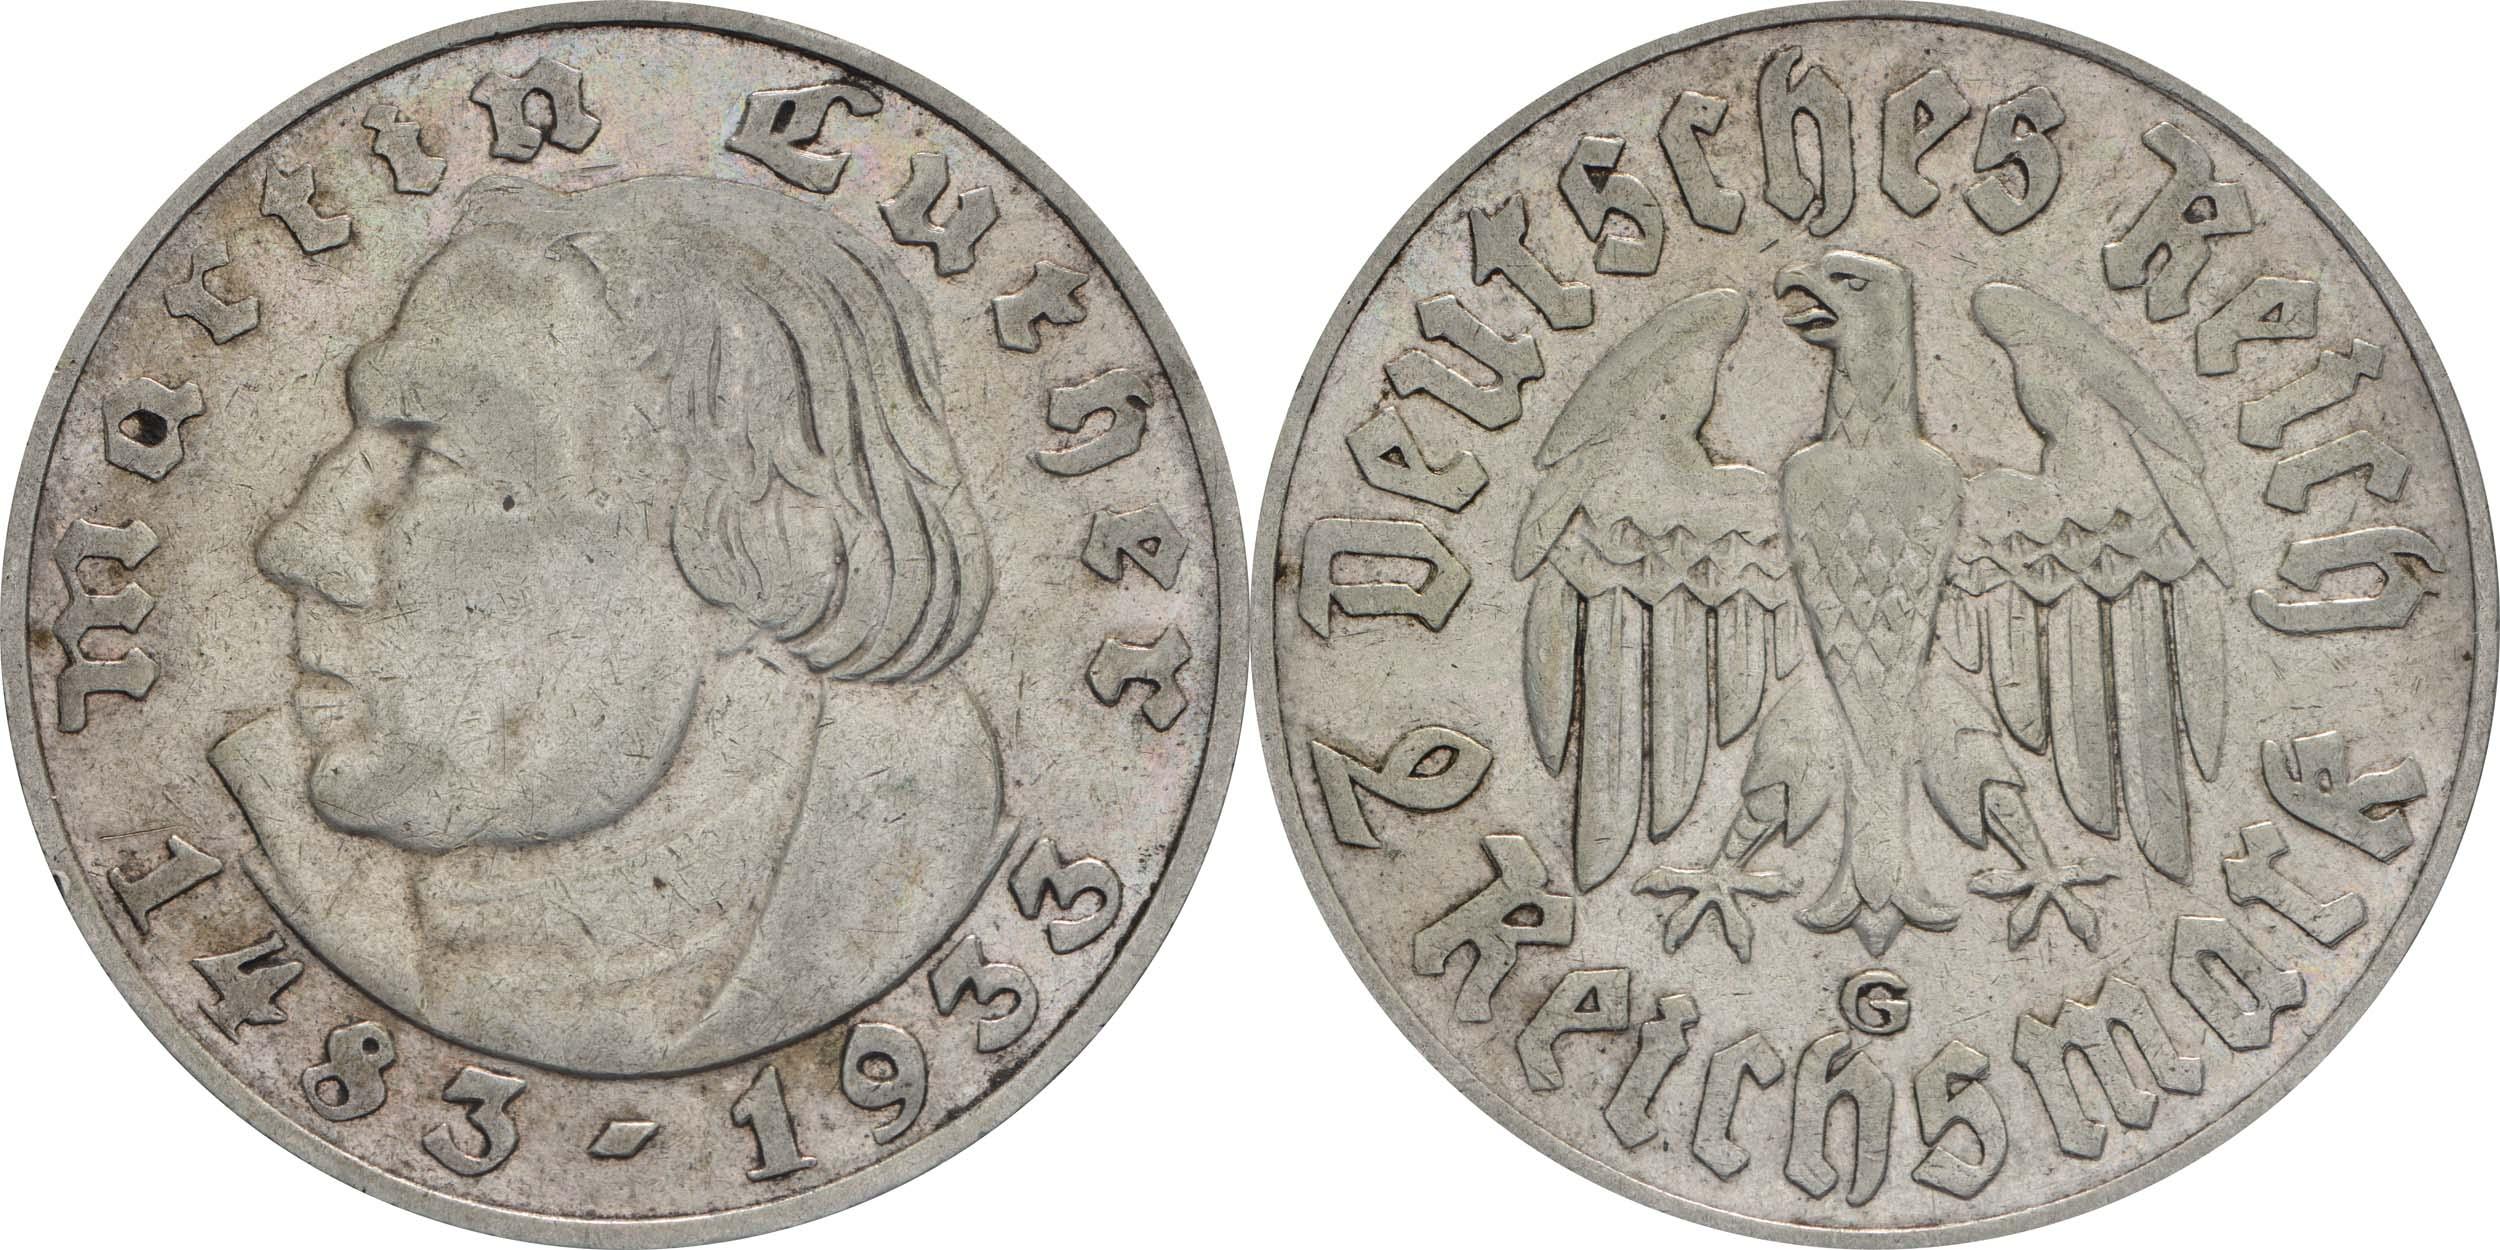 deutschland 2 reichsmark luther 1933 g silber ss vz euro. Black Bedroom Furniture Sets. Home Design Ideas